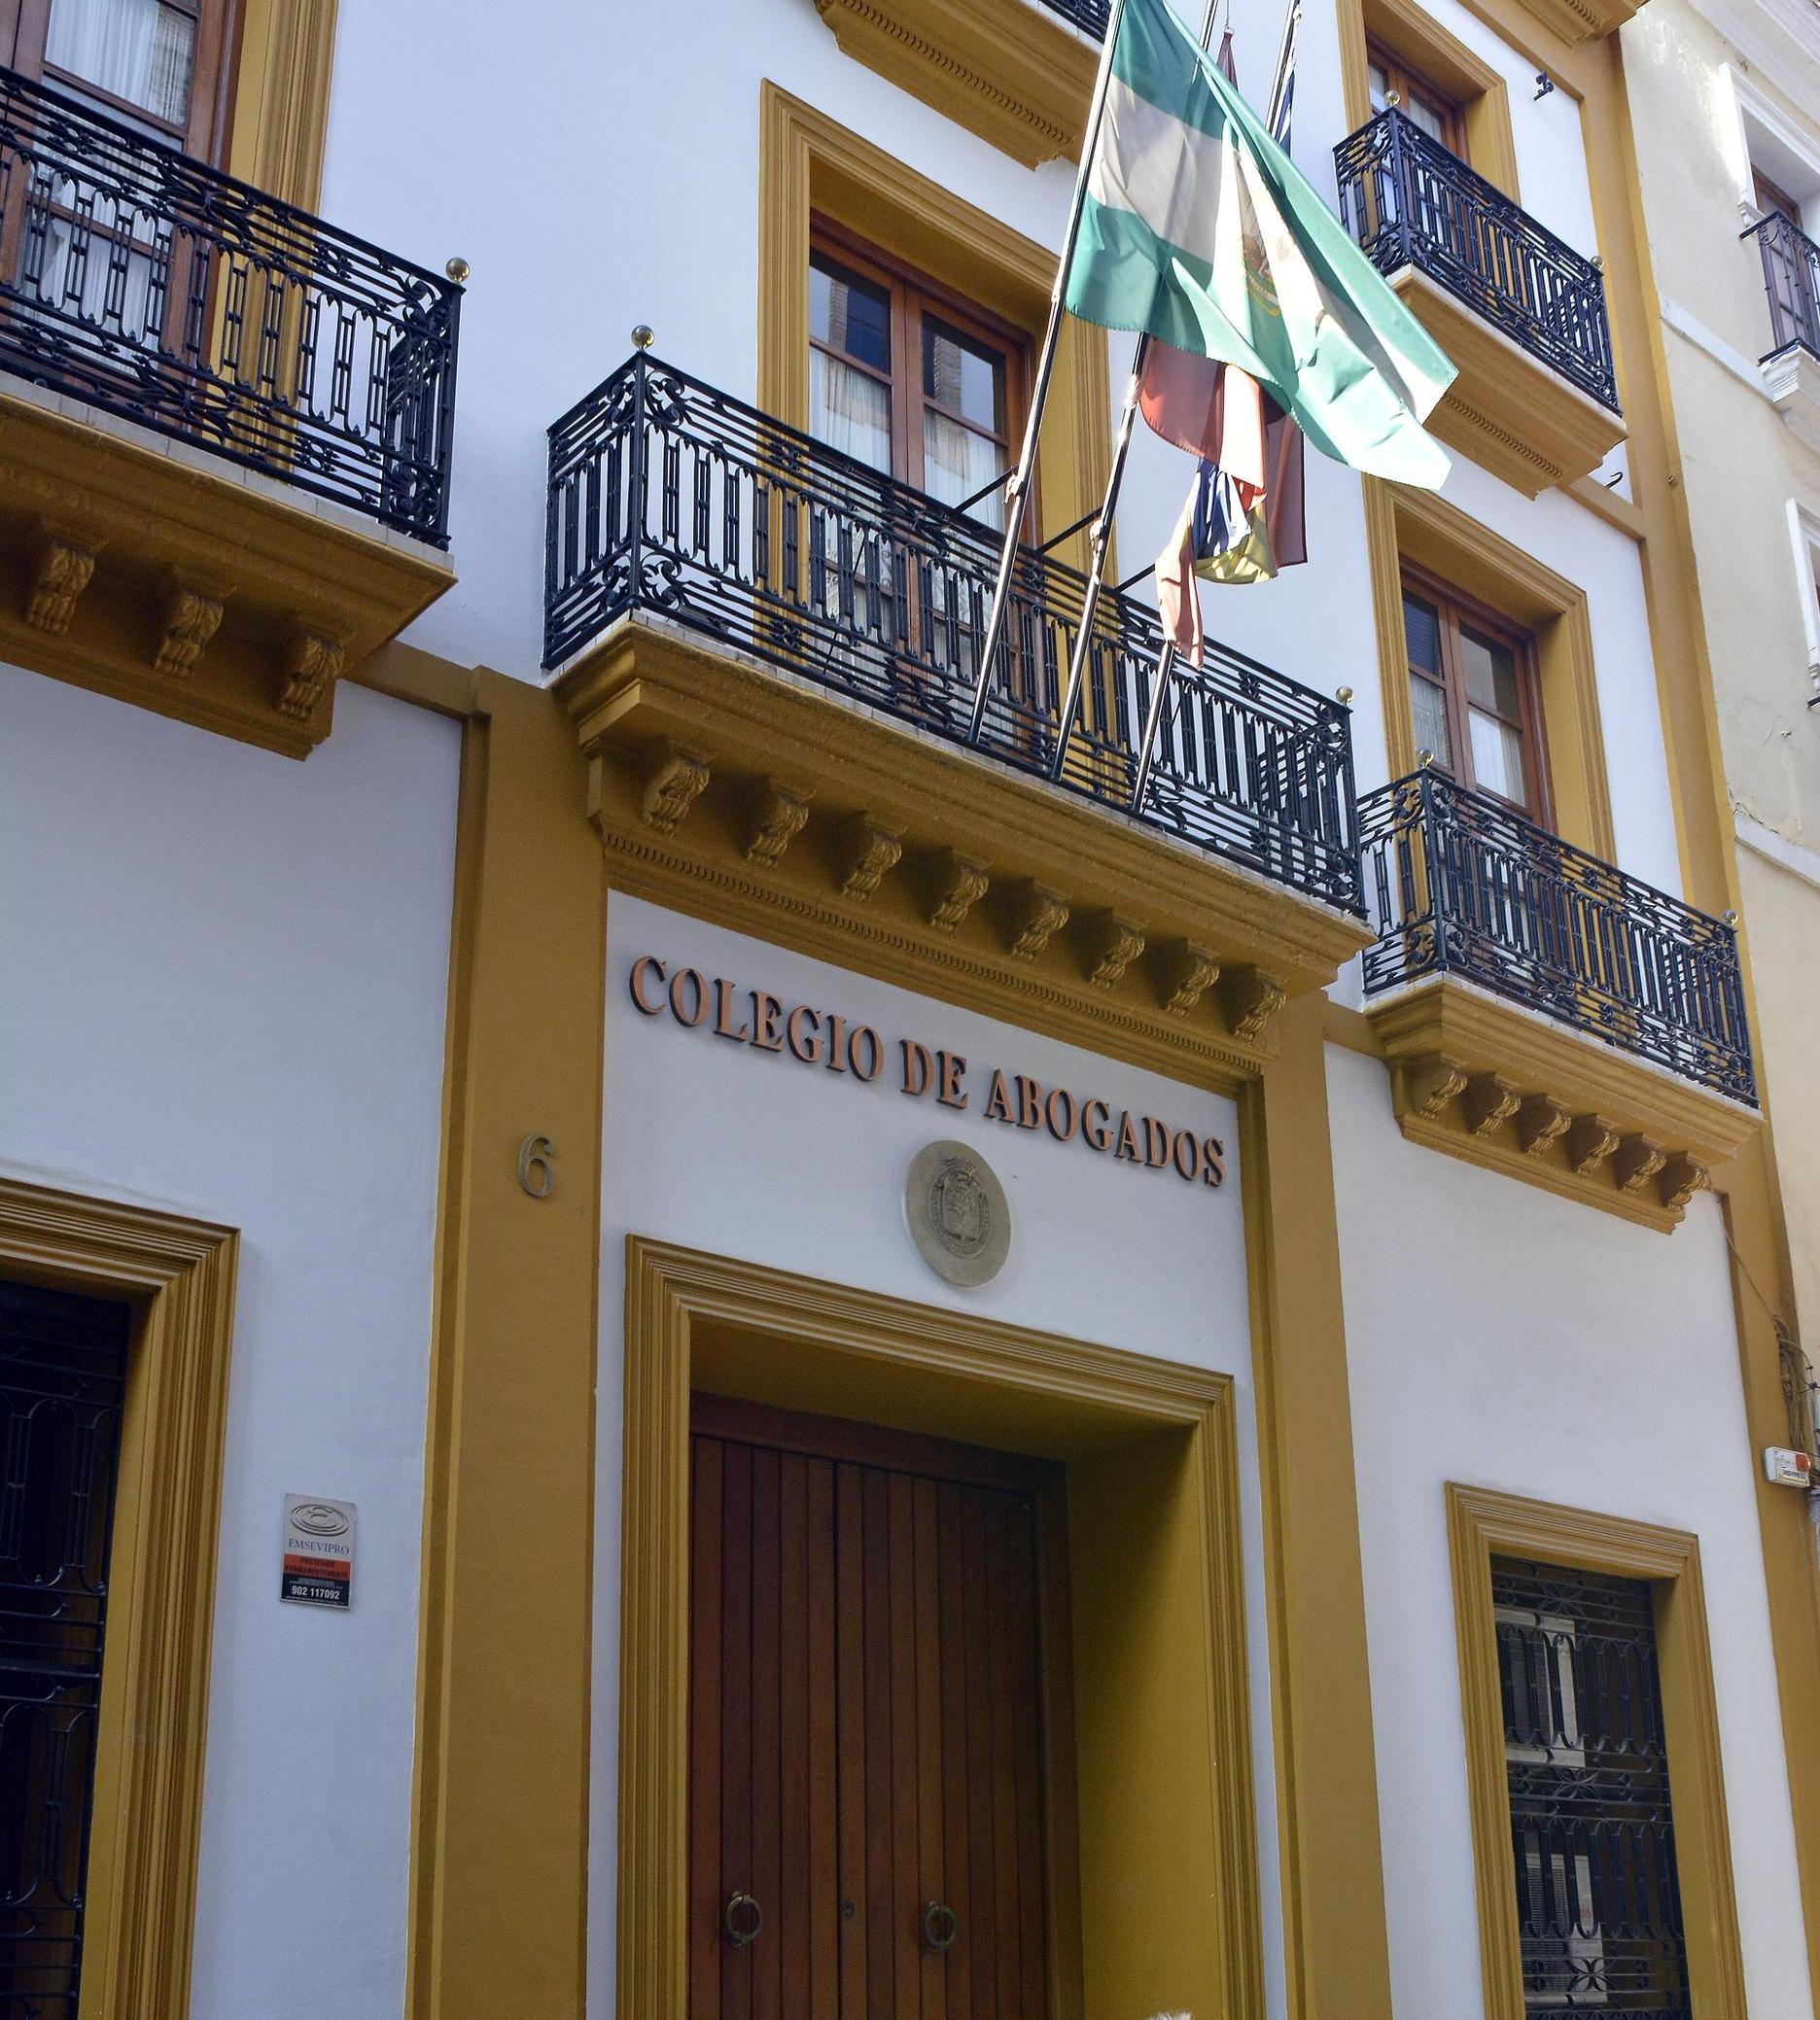 Nueva sesi n de di logos sobre sevilla con los colegios - Colegio de arquitectos sevilla ...